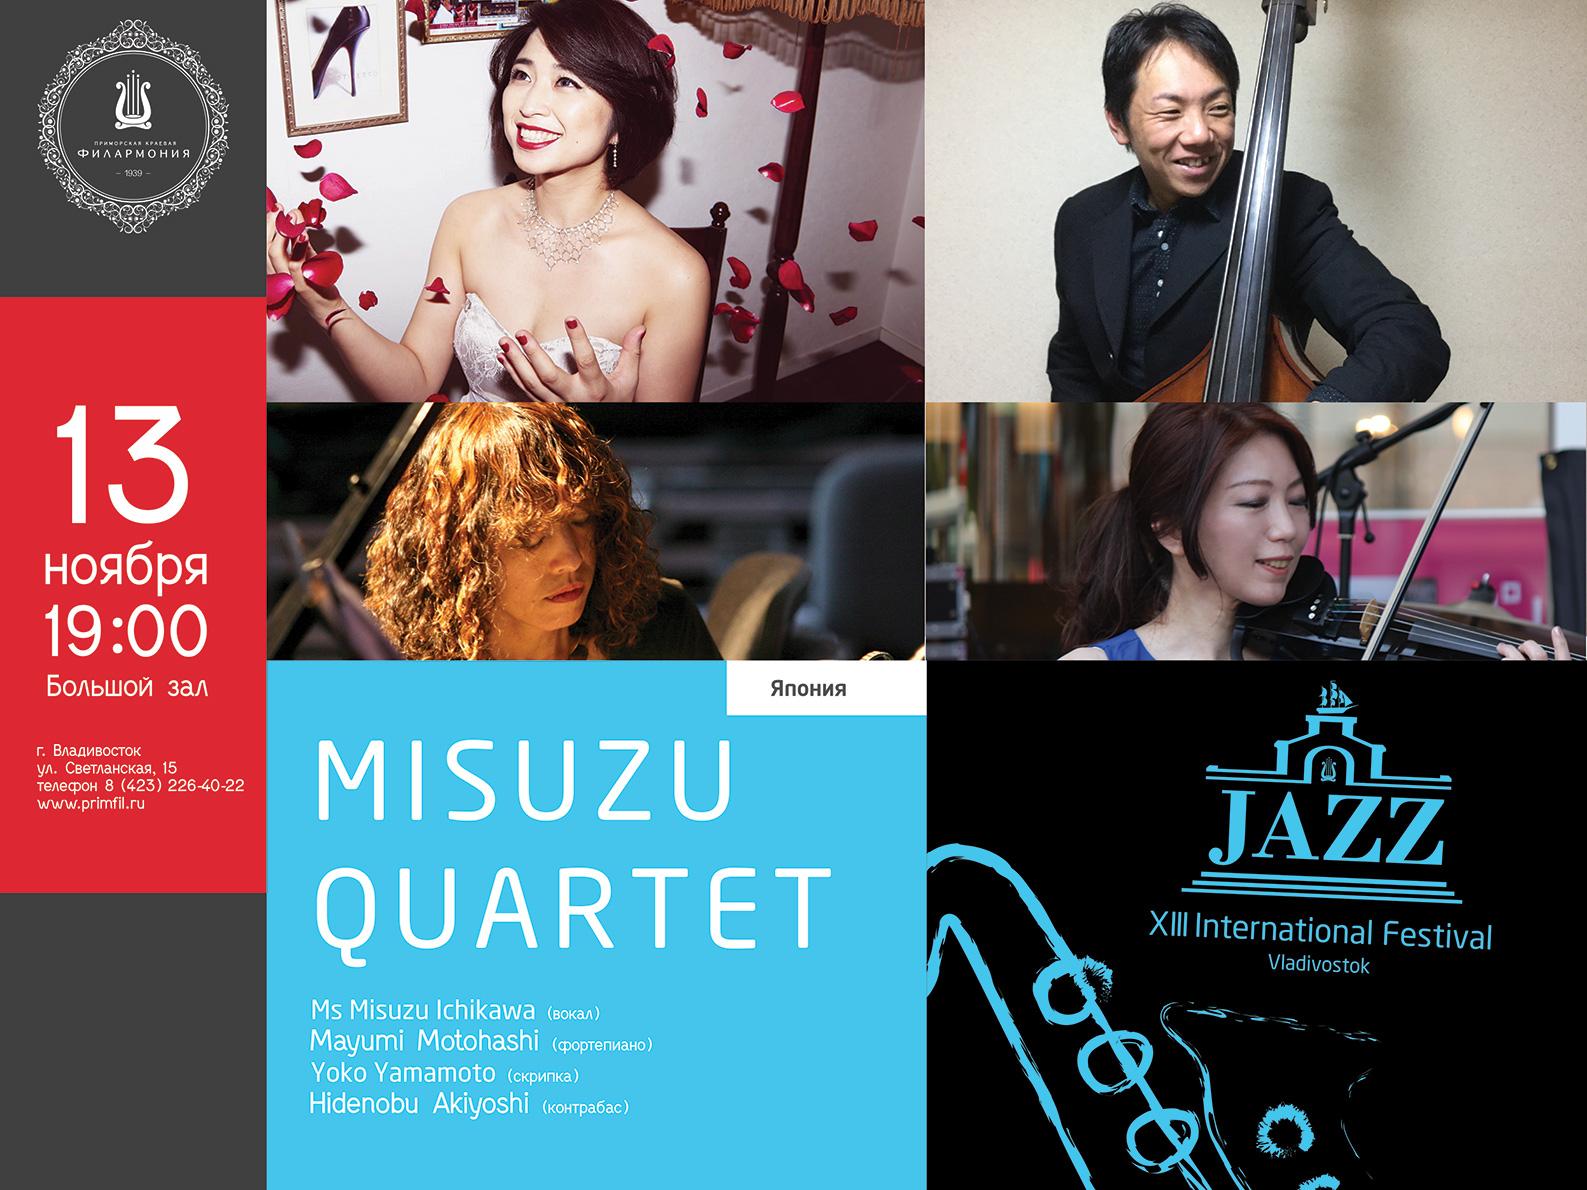 «Misuzu  Quartet» выступят на XIII международном джазовом фестивале во Владивостоке